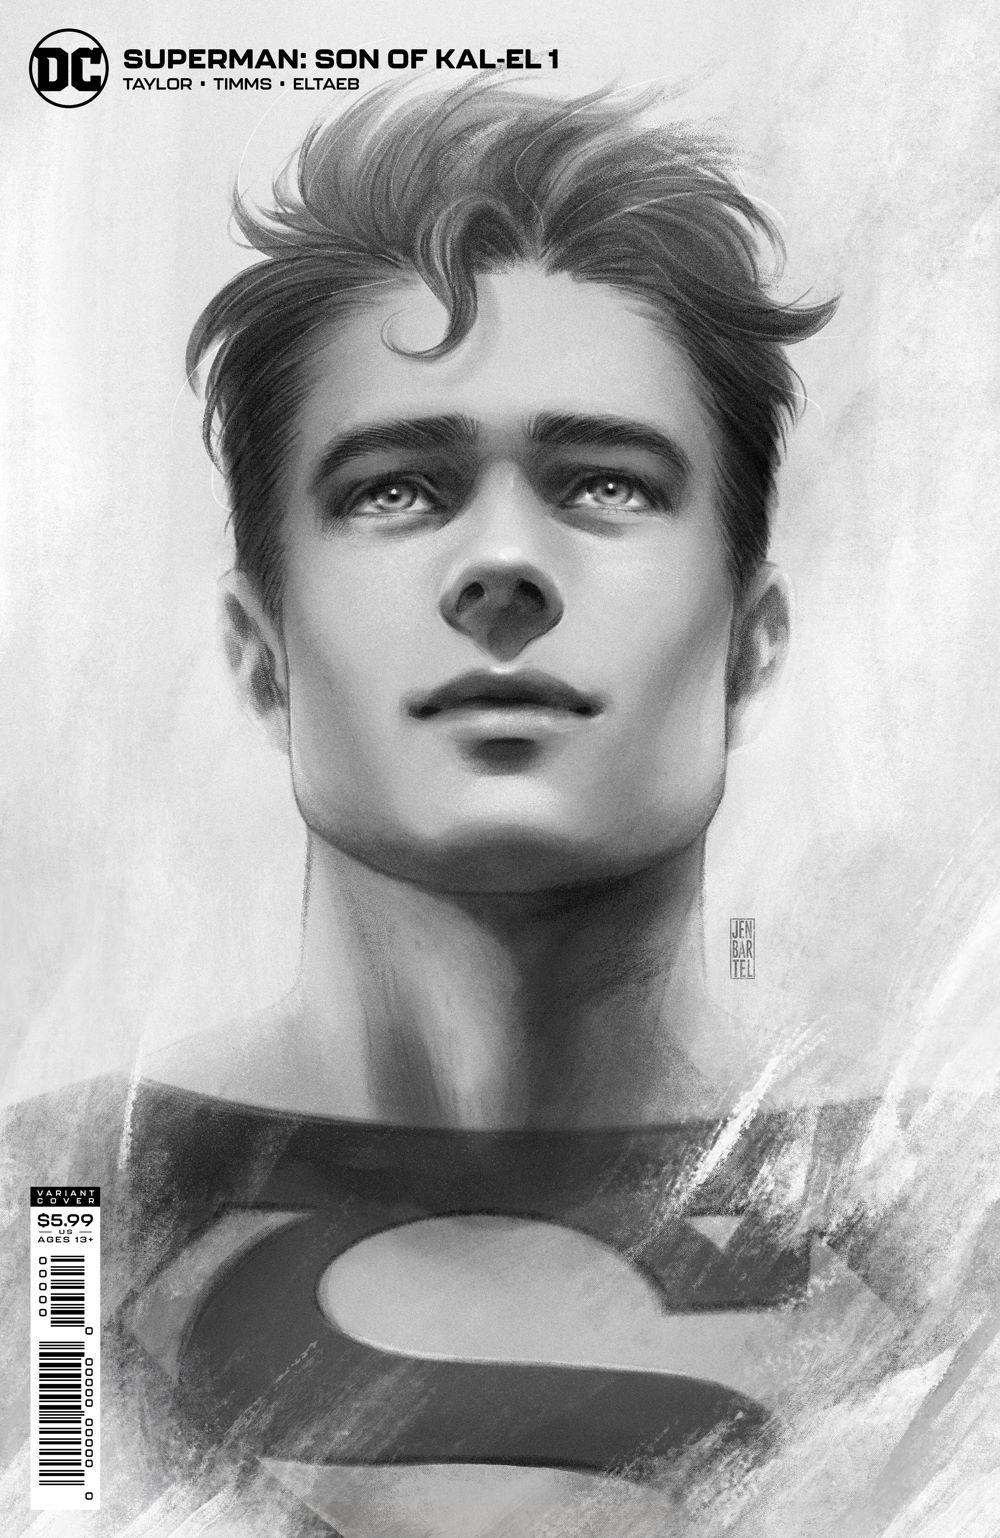 SMSOKE_Cv1_1in25_var DC Comics July 2021 Solicitations